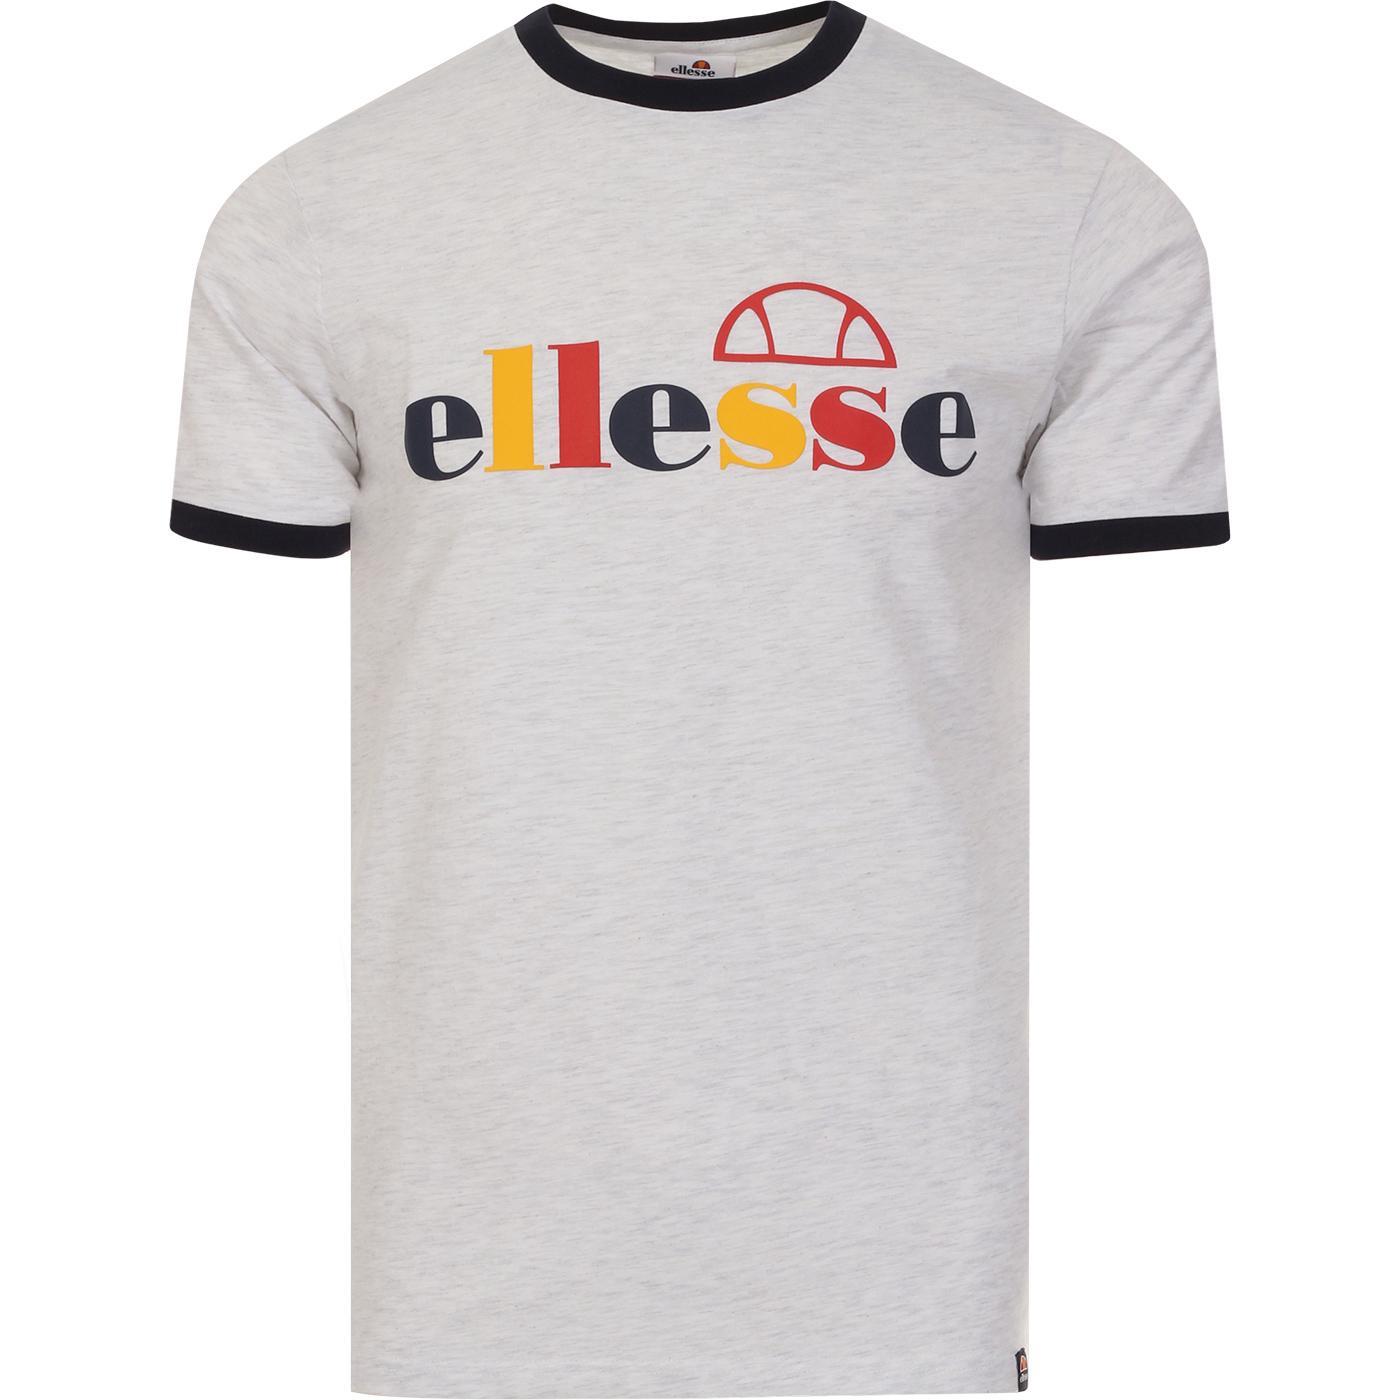 Limora ELLESSE Retro 90s Pop Logo Ringer Tee WHITE